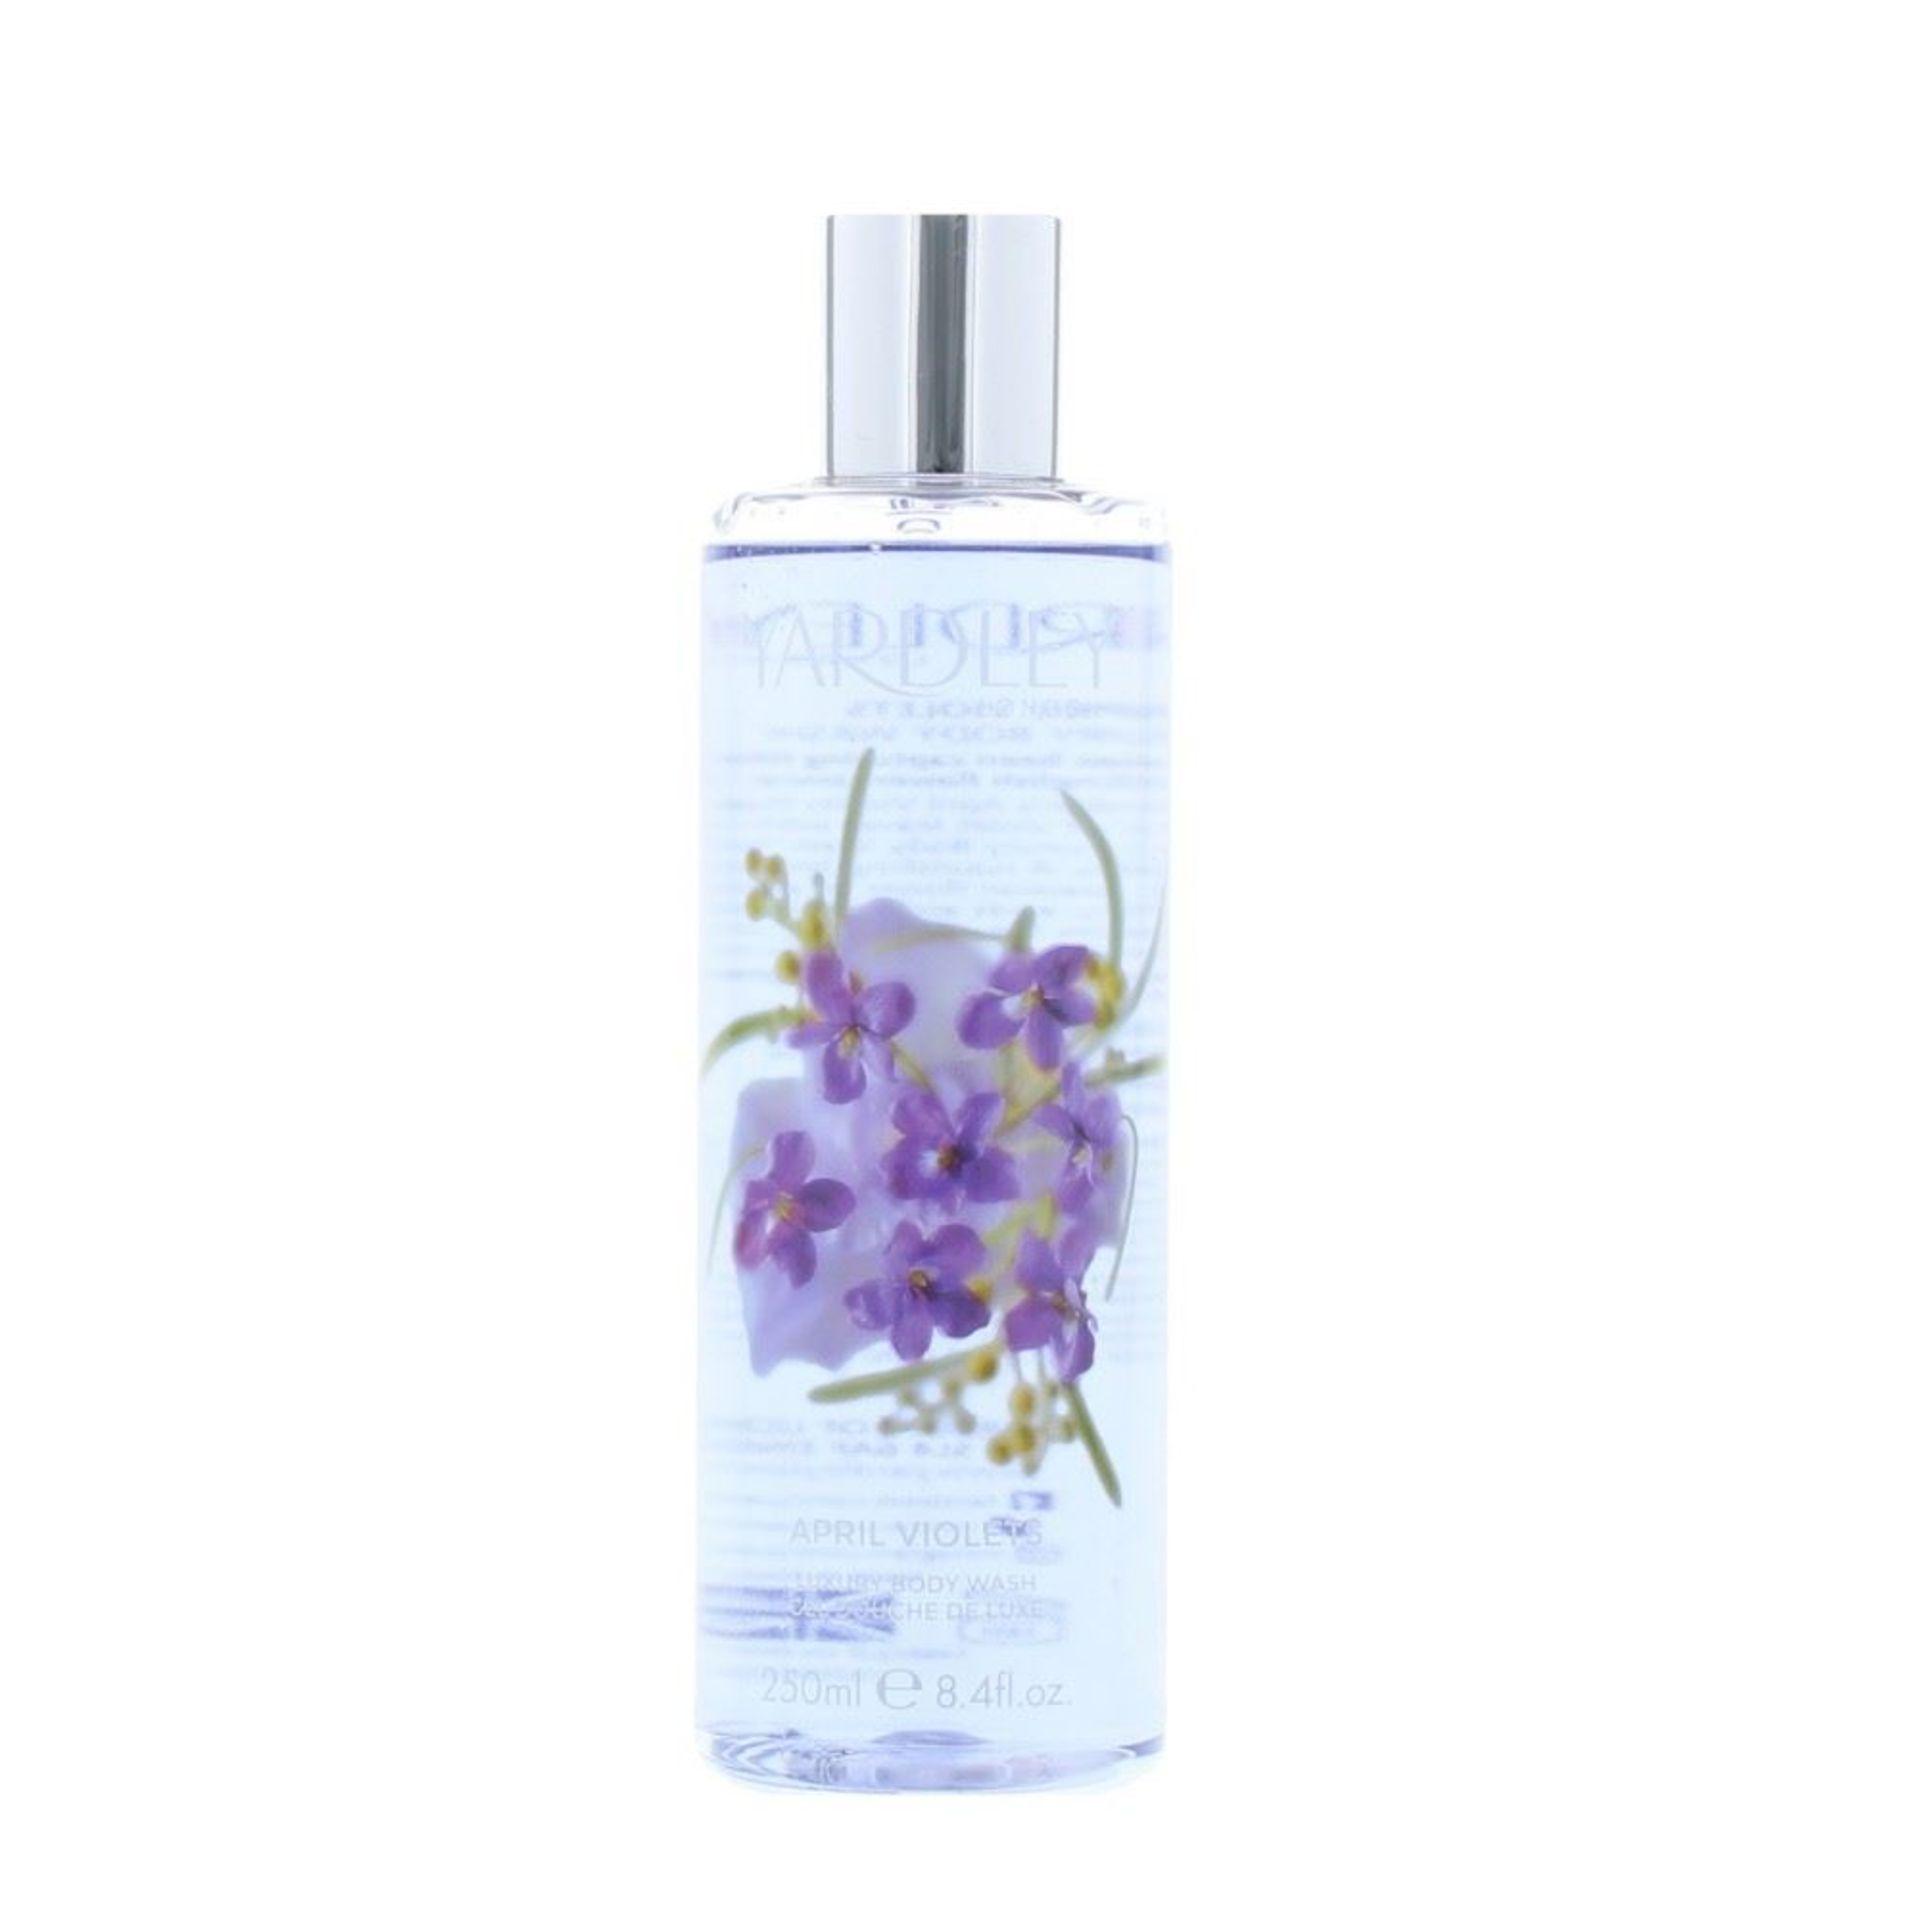 + VAT Brand New Yardley April violets 250ml Body Wash